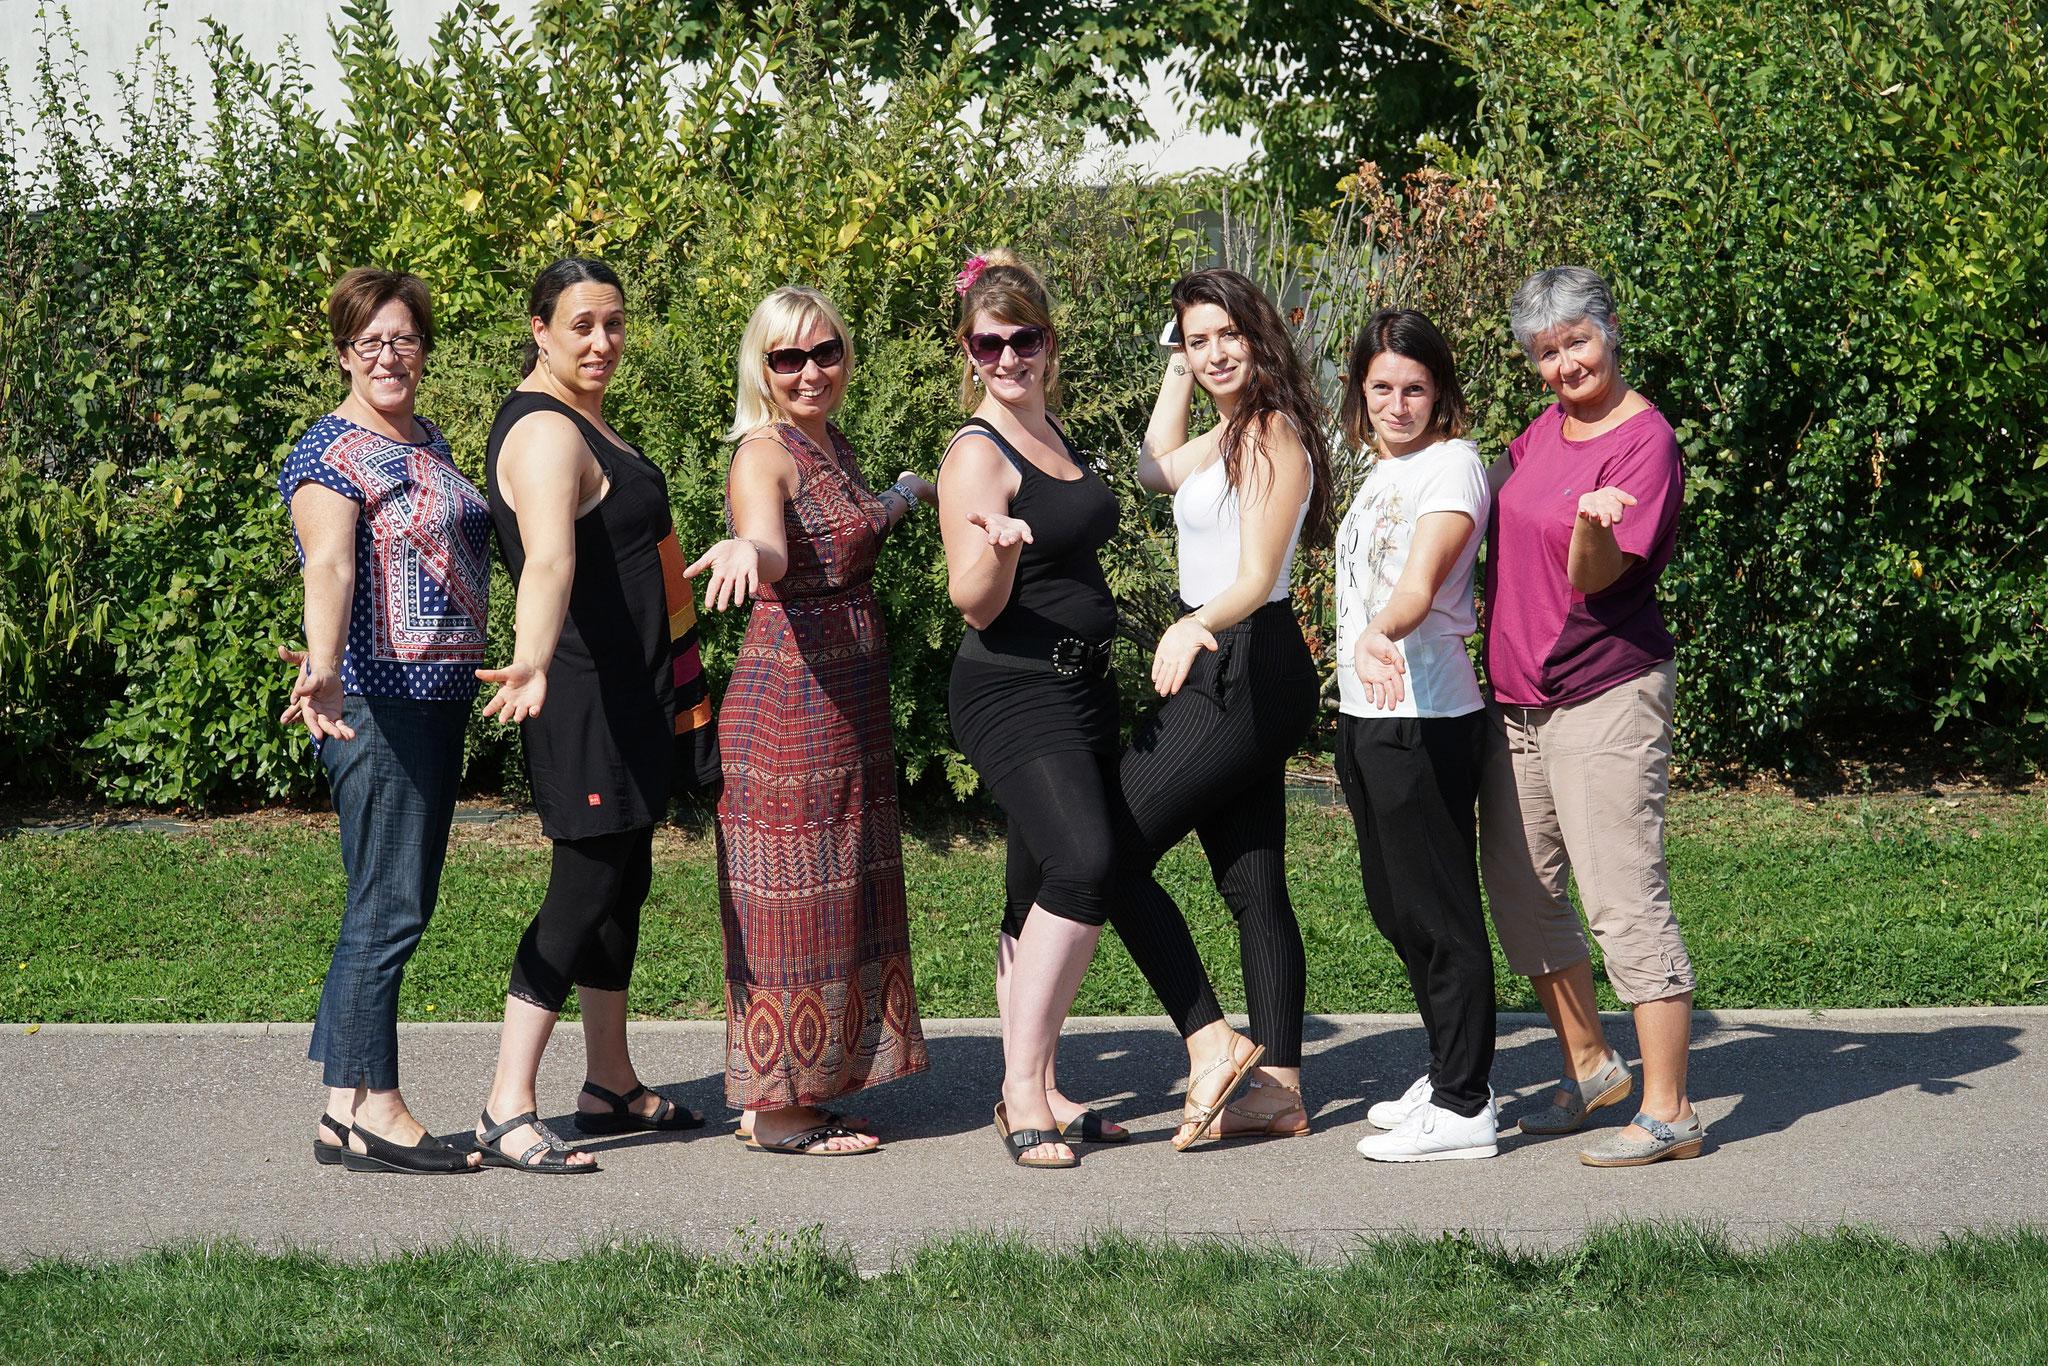 Kanfen composée de Fabienne, Gwladys, Emilie, Pauline, Clélia, Violaine, Véronique